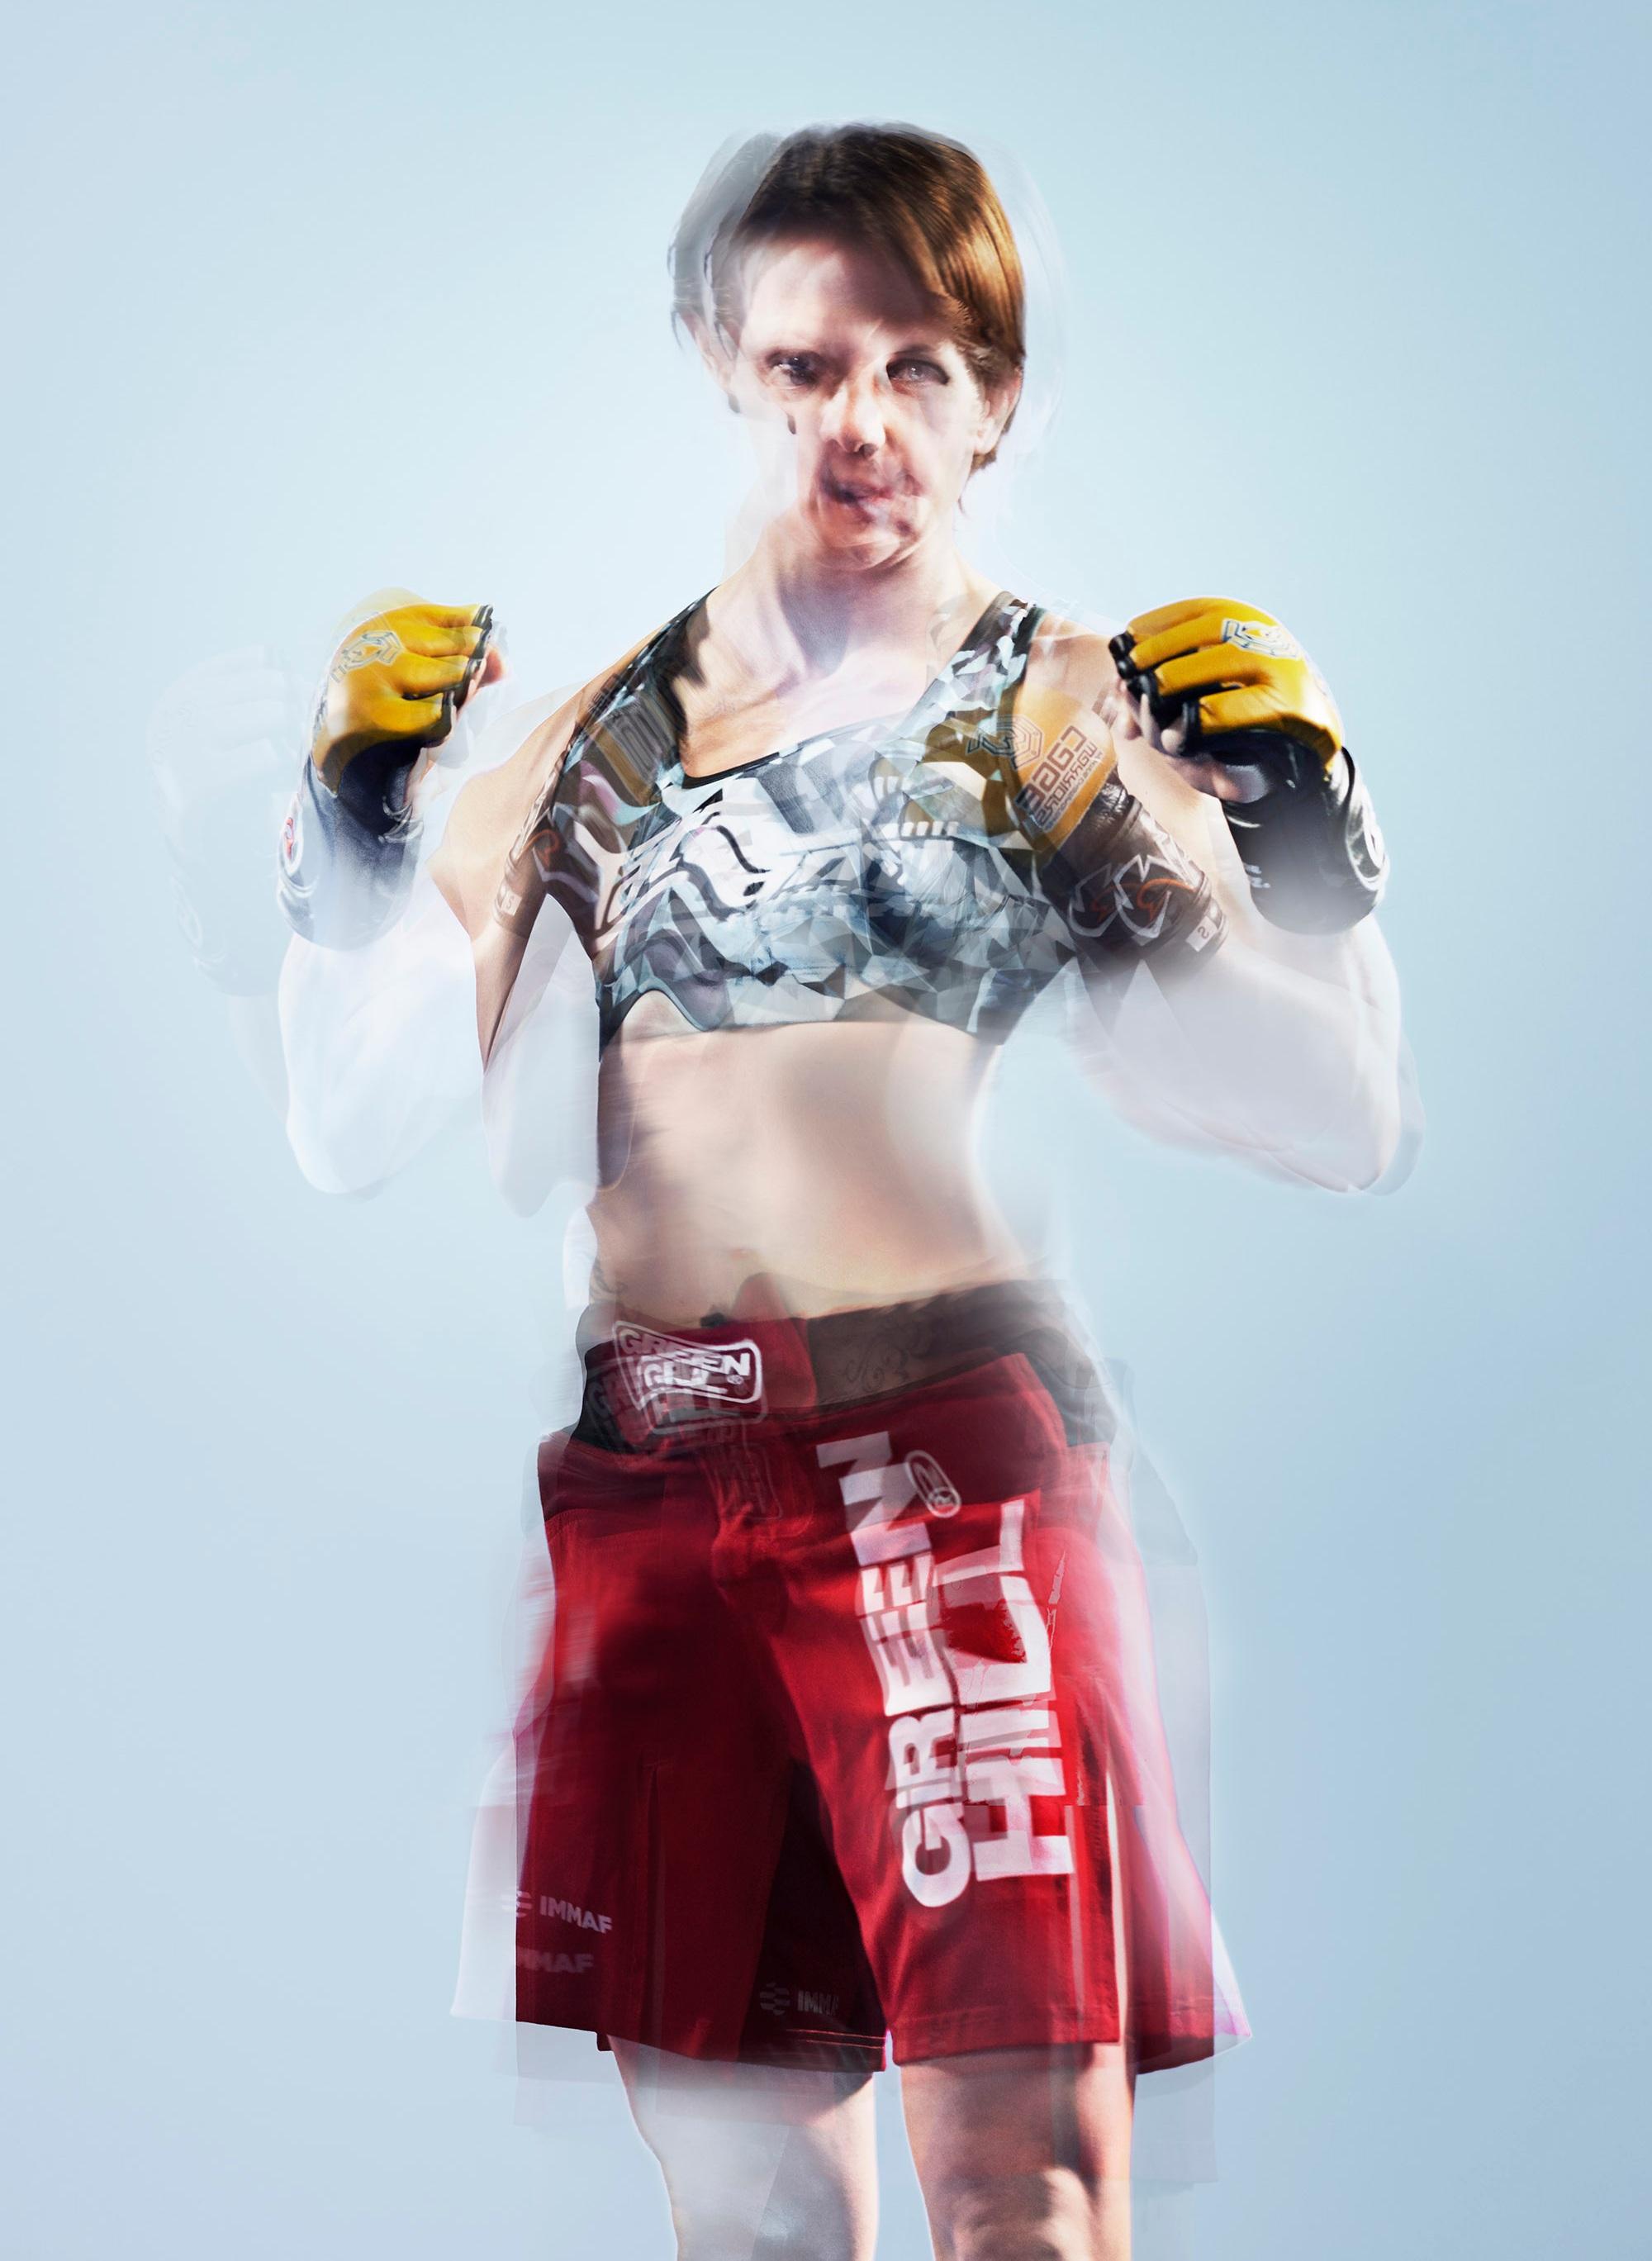 Cage Warriors fighter Wendy McKenna